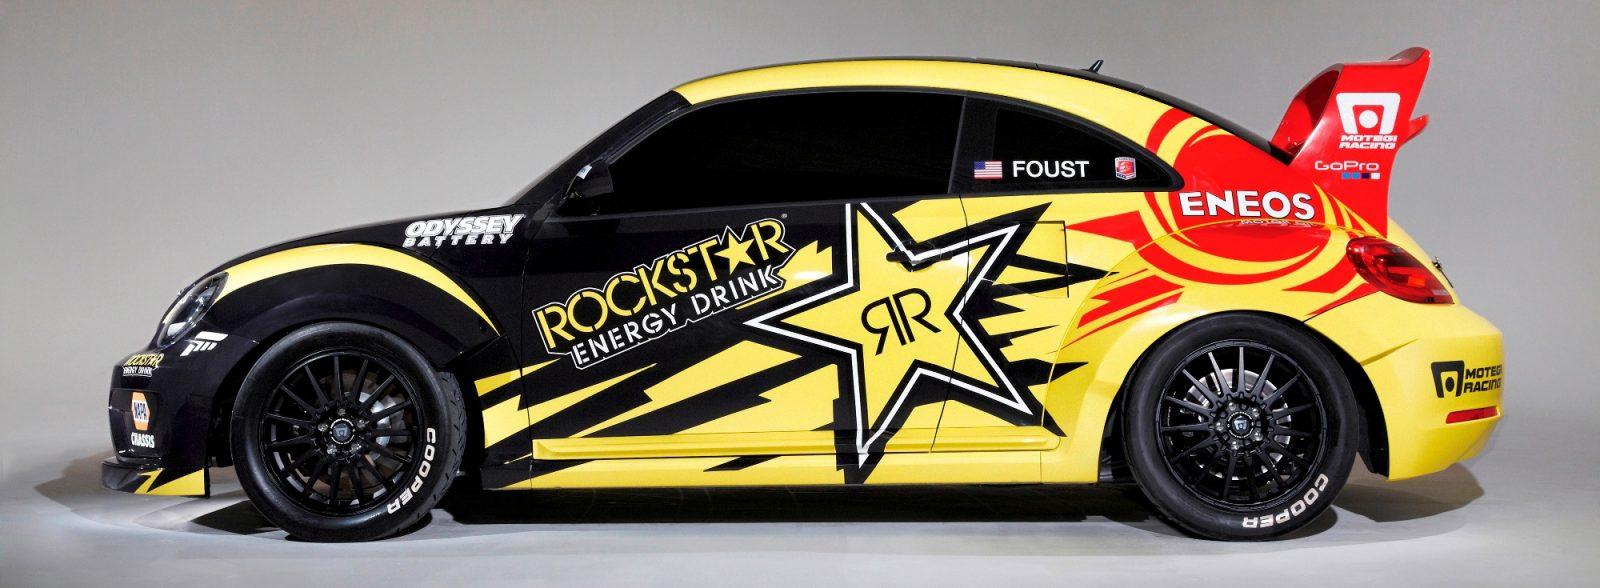 All-New FIA RallyCross Series Looks FUN! Dart, Sonic, Beetle, Fiesta, Fabia, Pug 208GTI and More On-Board 15